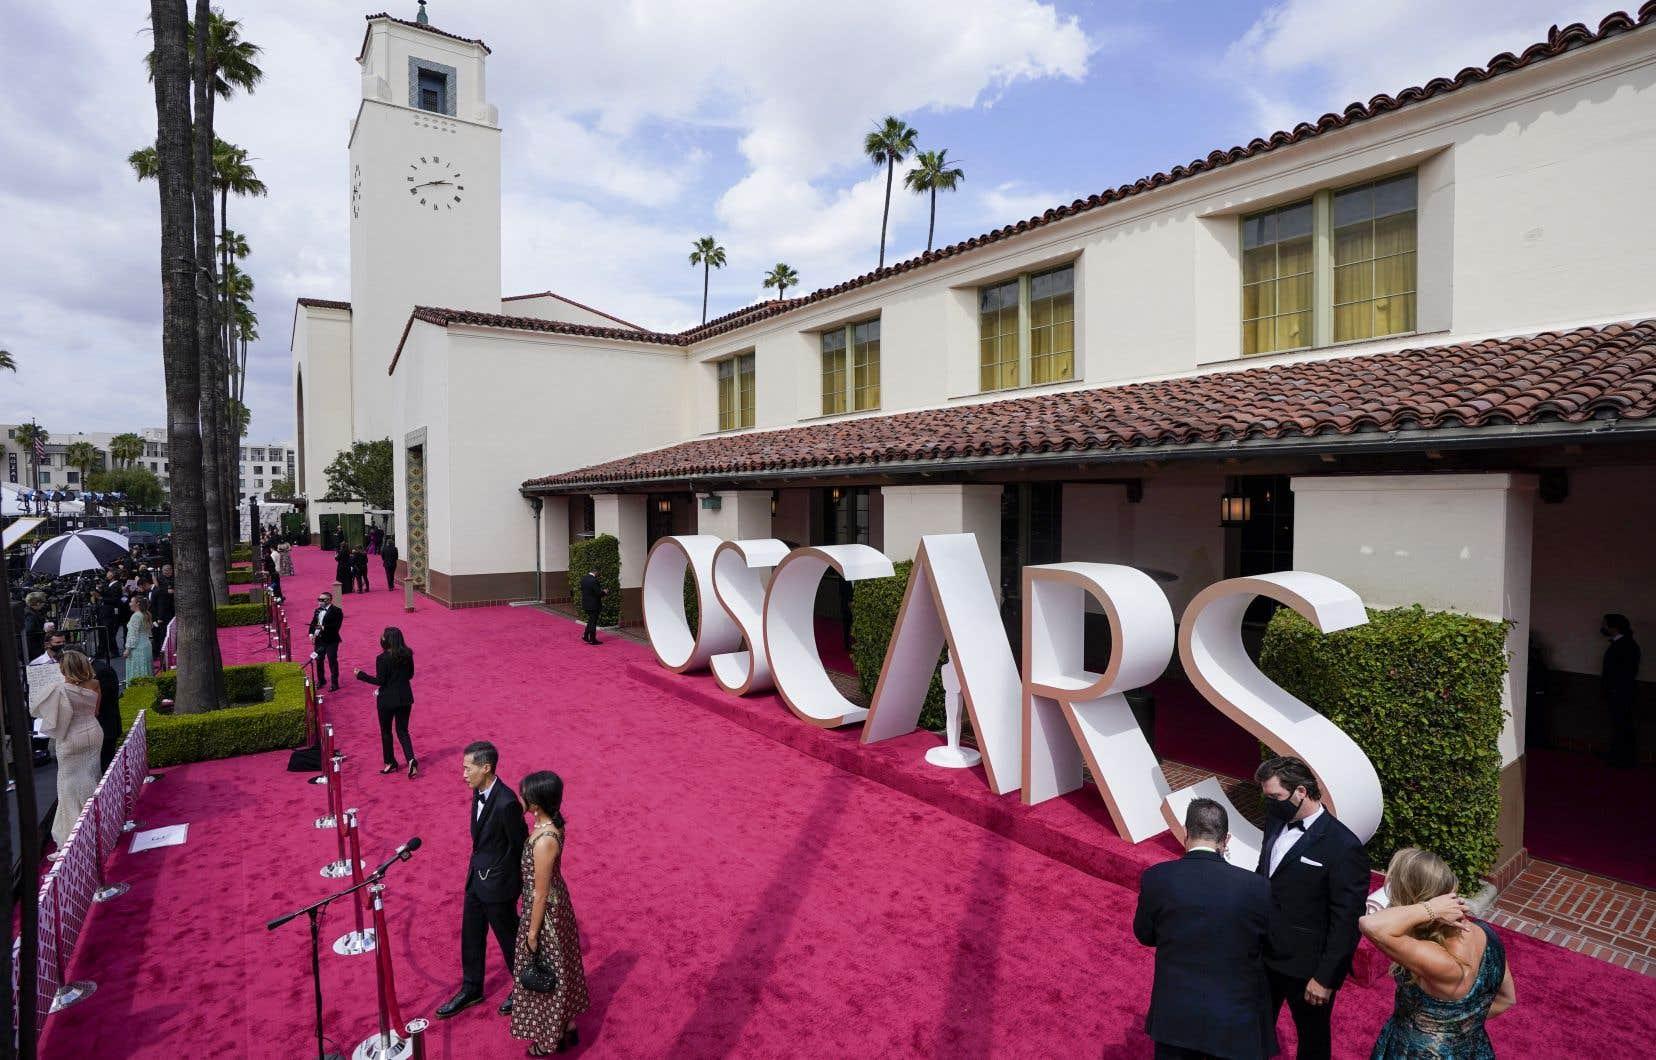 La cérémonie phare d'Hollywood se tenait exceptionnellement dans une gare historique du centre de Los Angeles, où stars en lice et équipes techniques pouvaient travailler en respectant les consignes sanitaires et la distanciation physique.